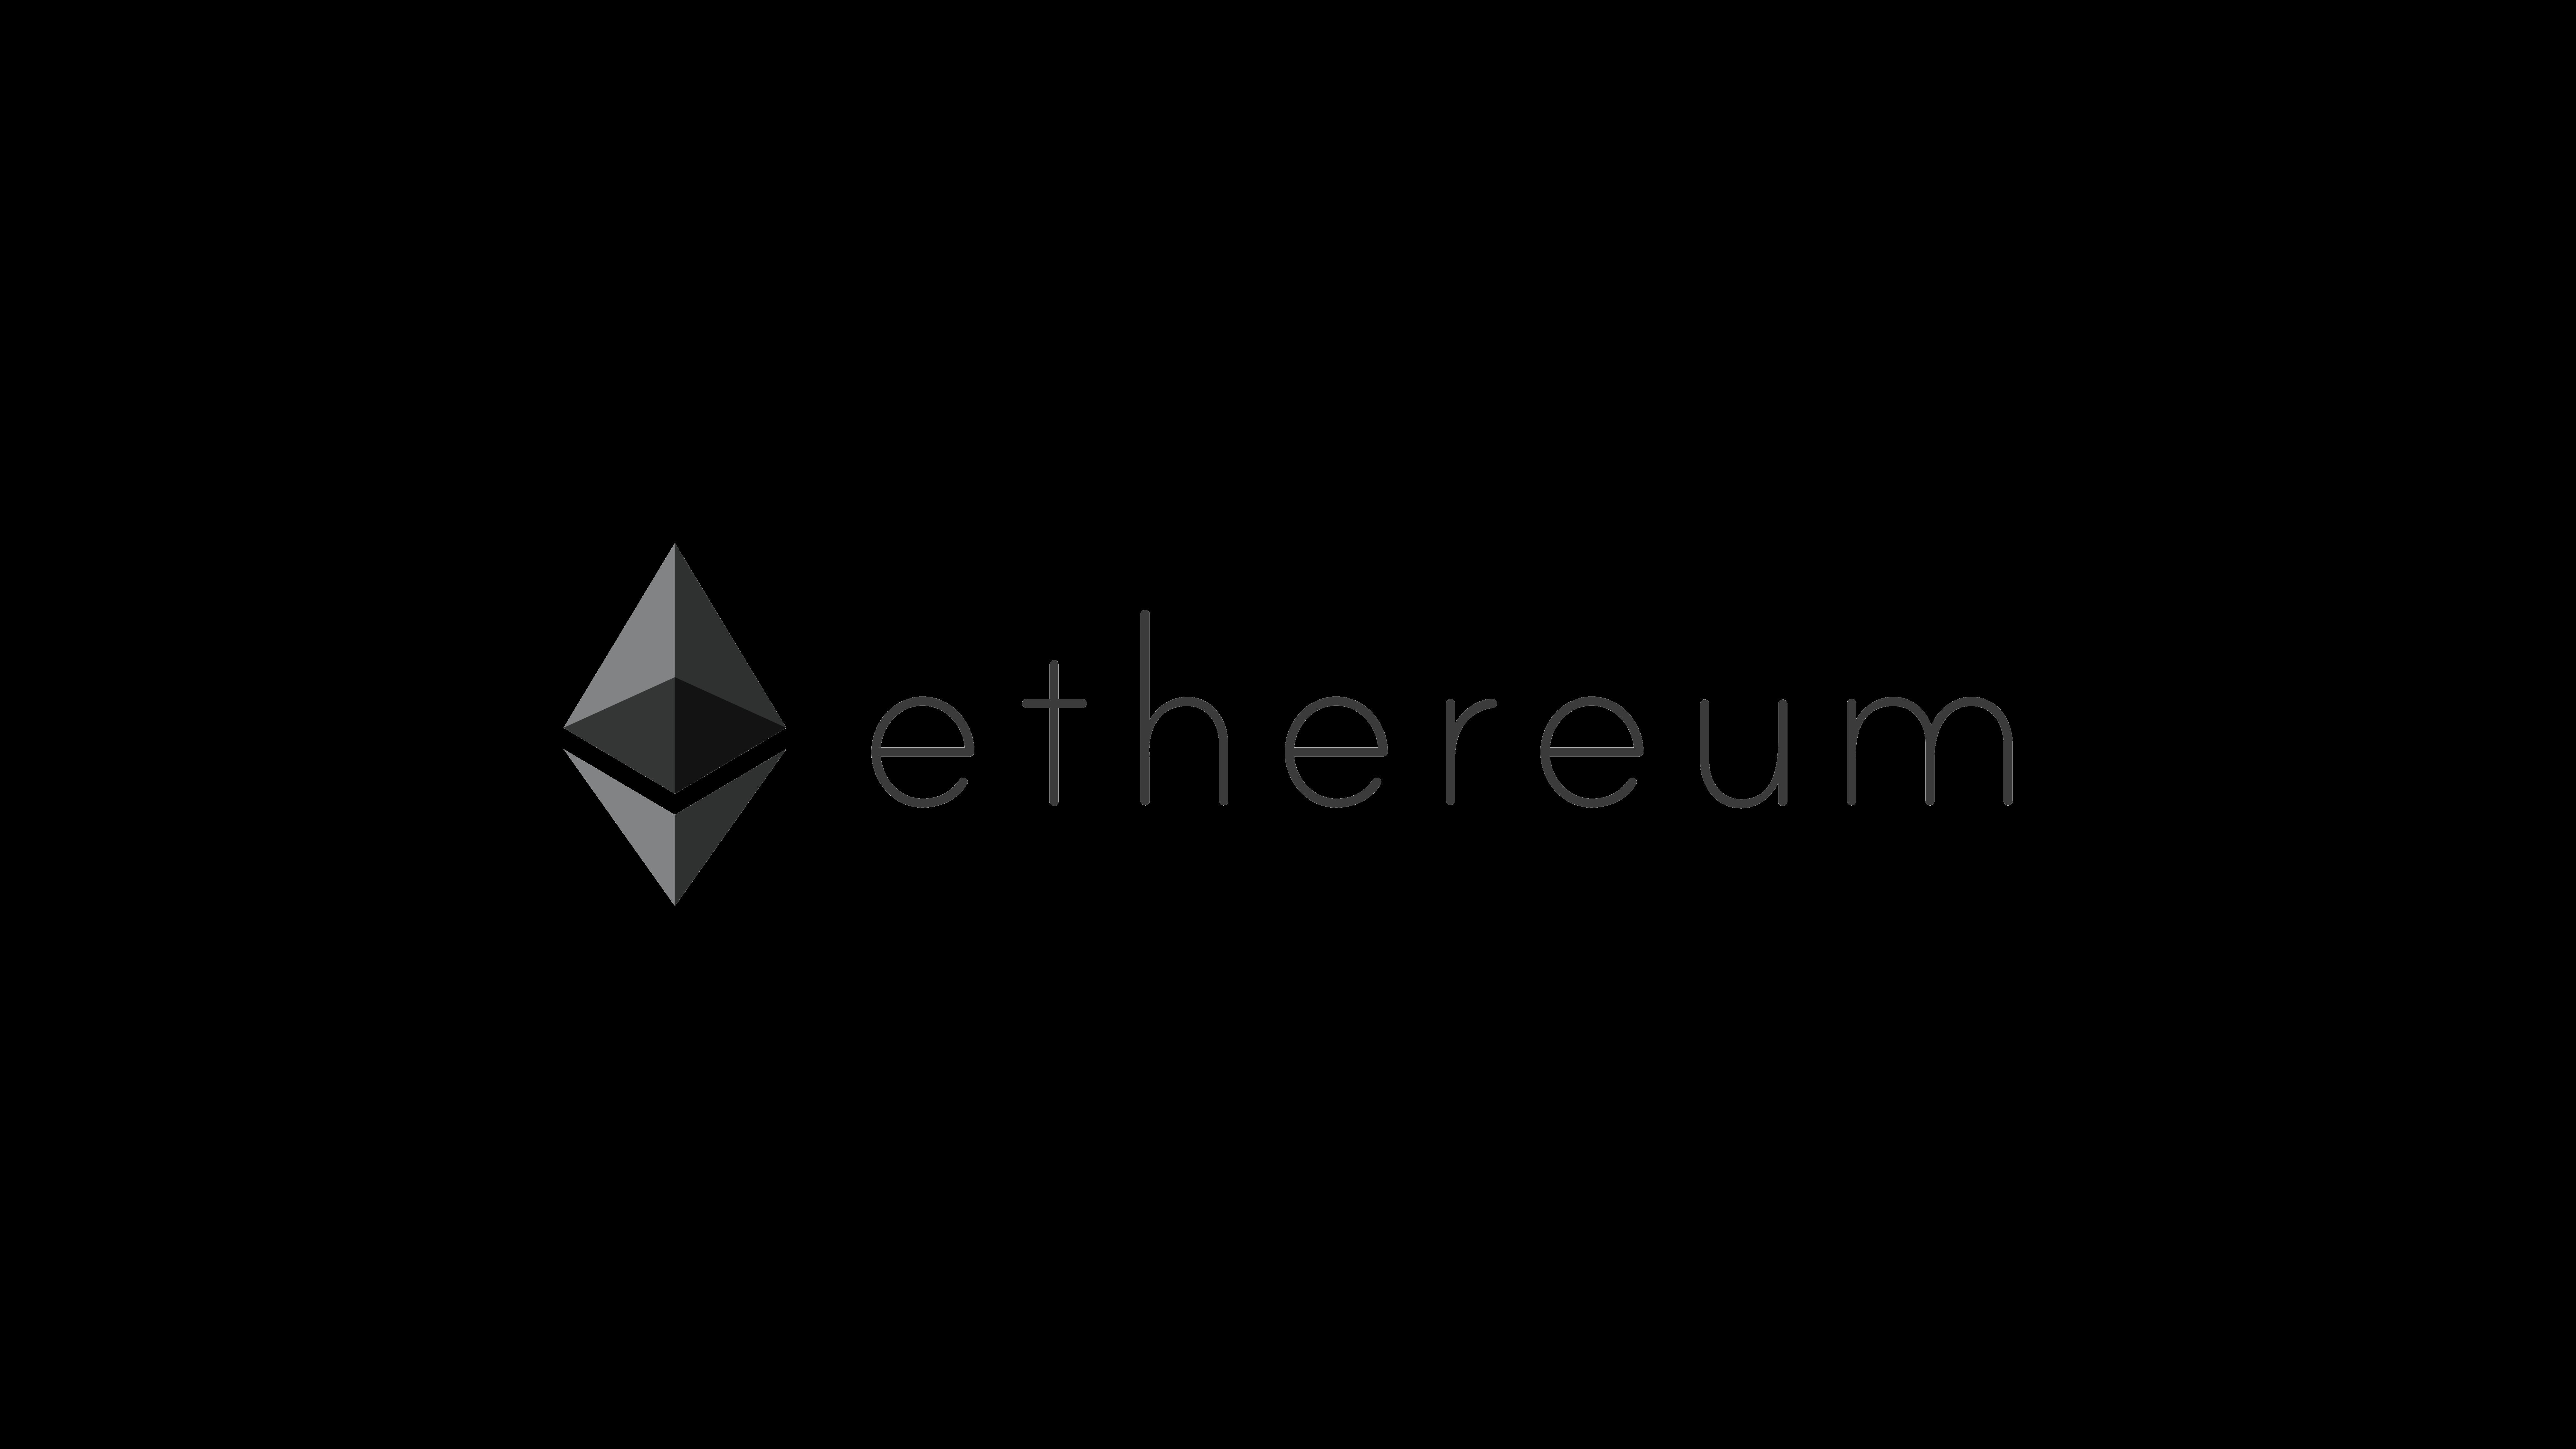 ethereum-logo-landscape-black.png